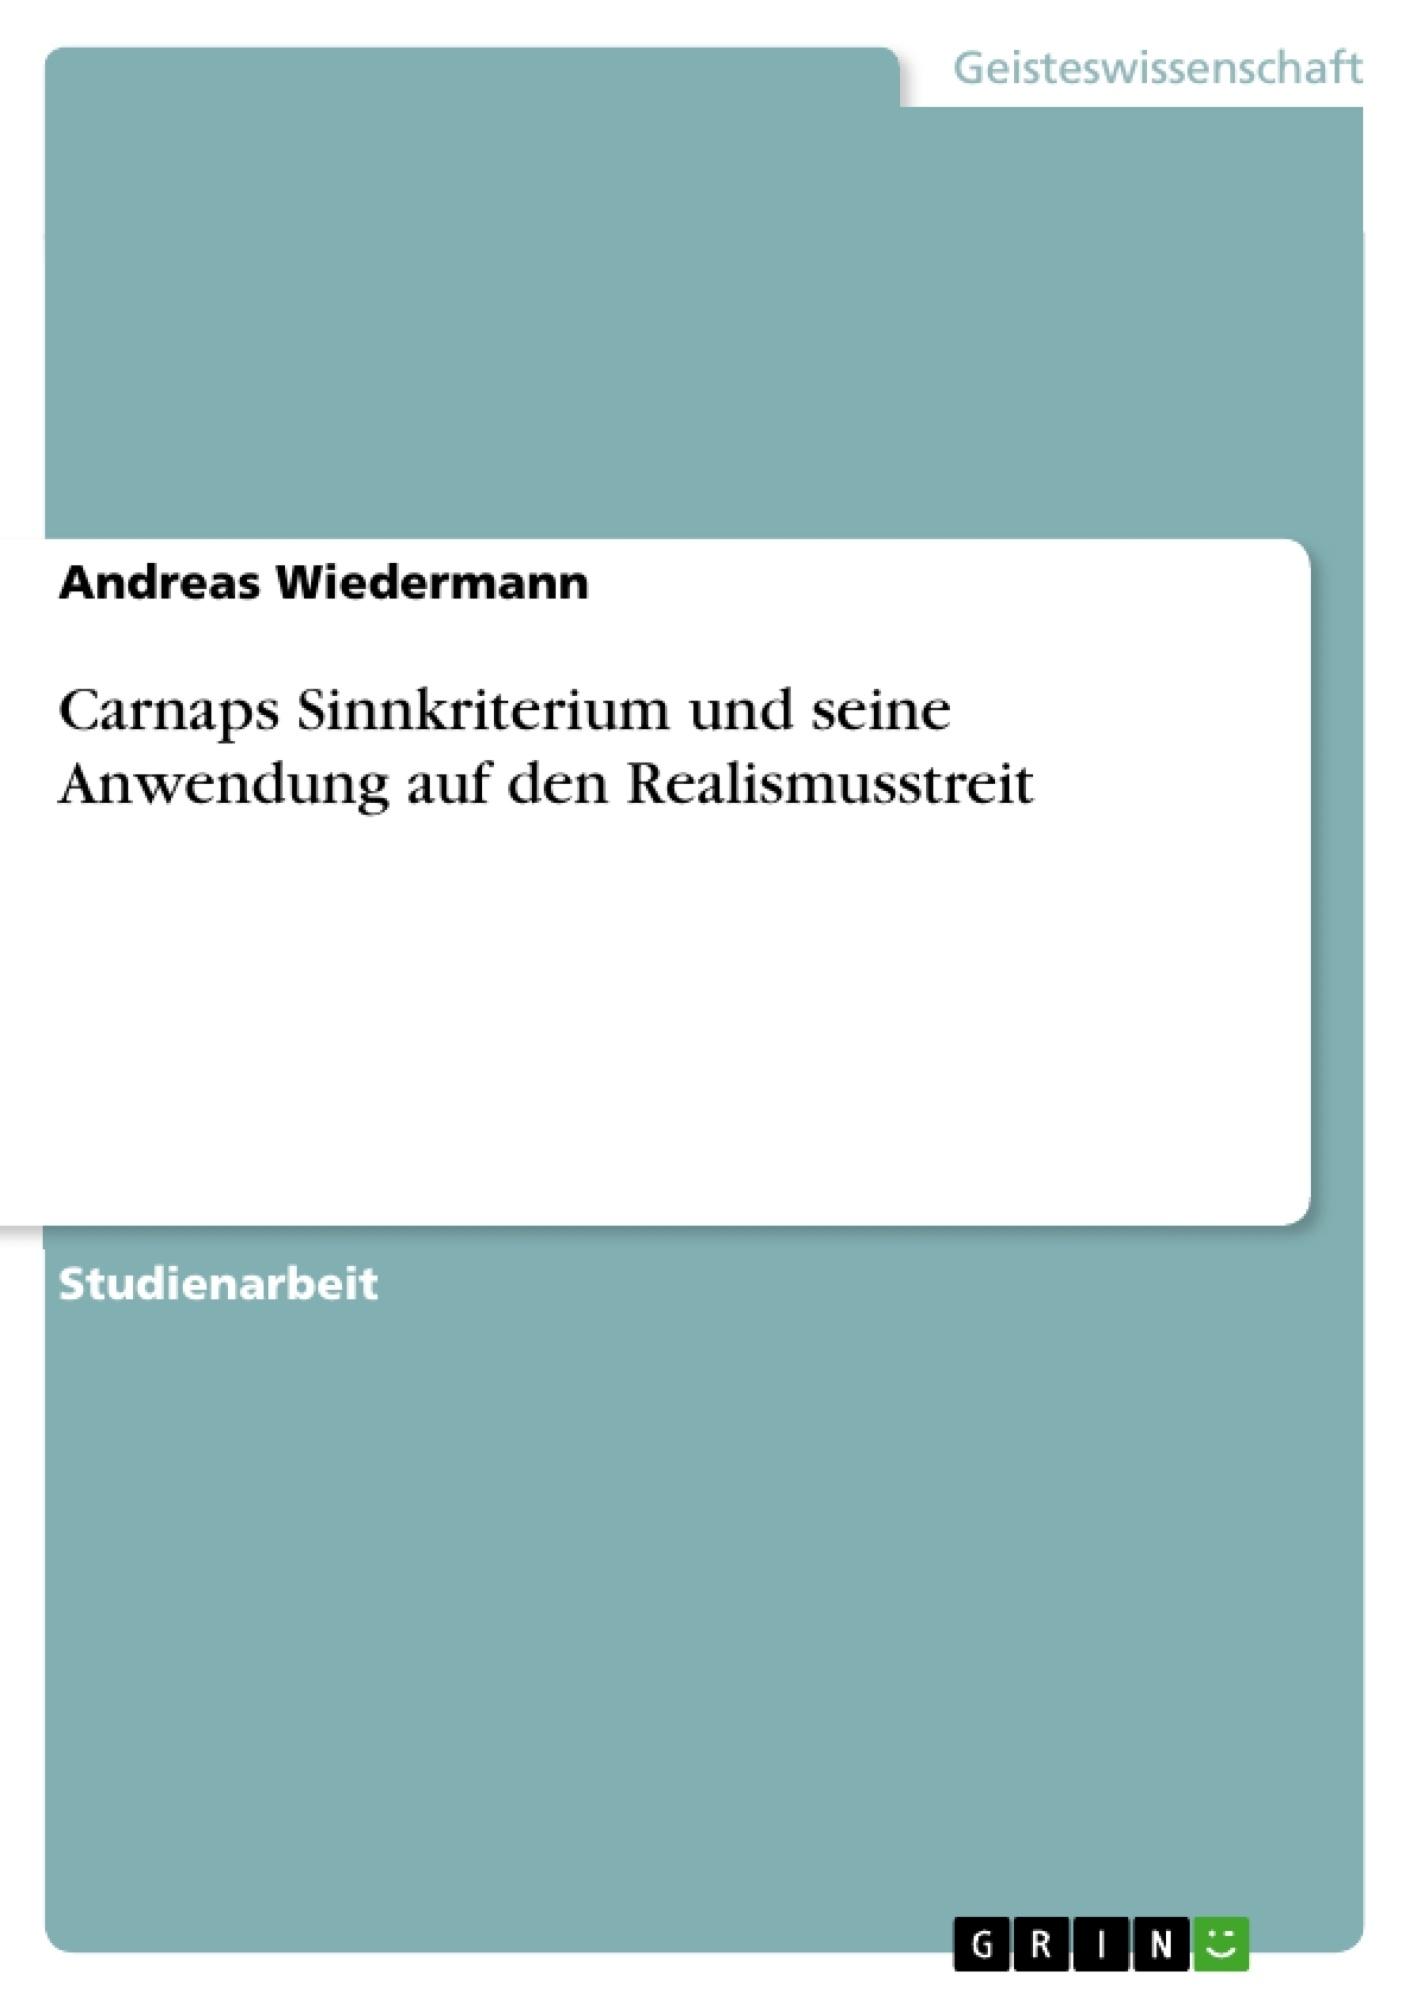 Titel: Carnaps Sinnkriterium und seine Anwendung auf den Realismusstreit